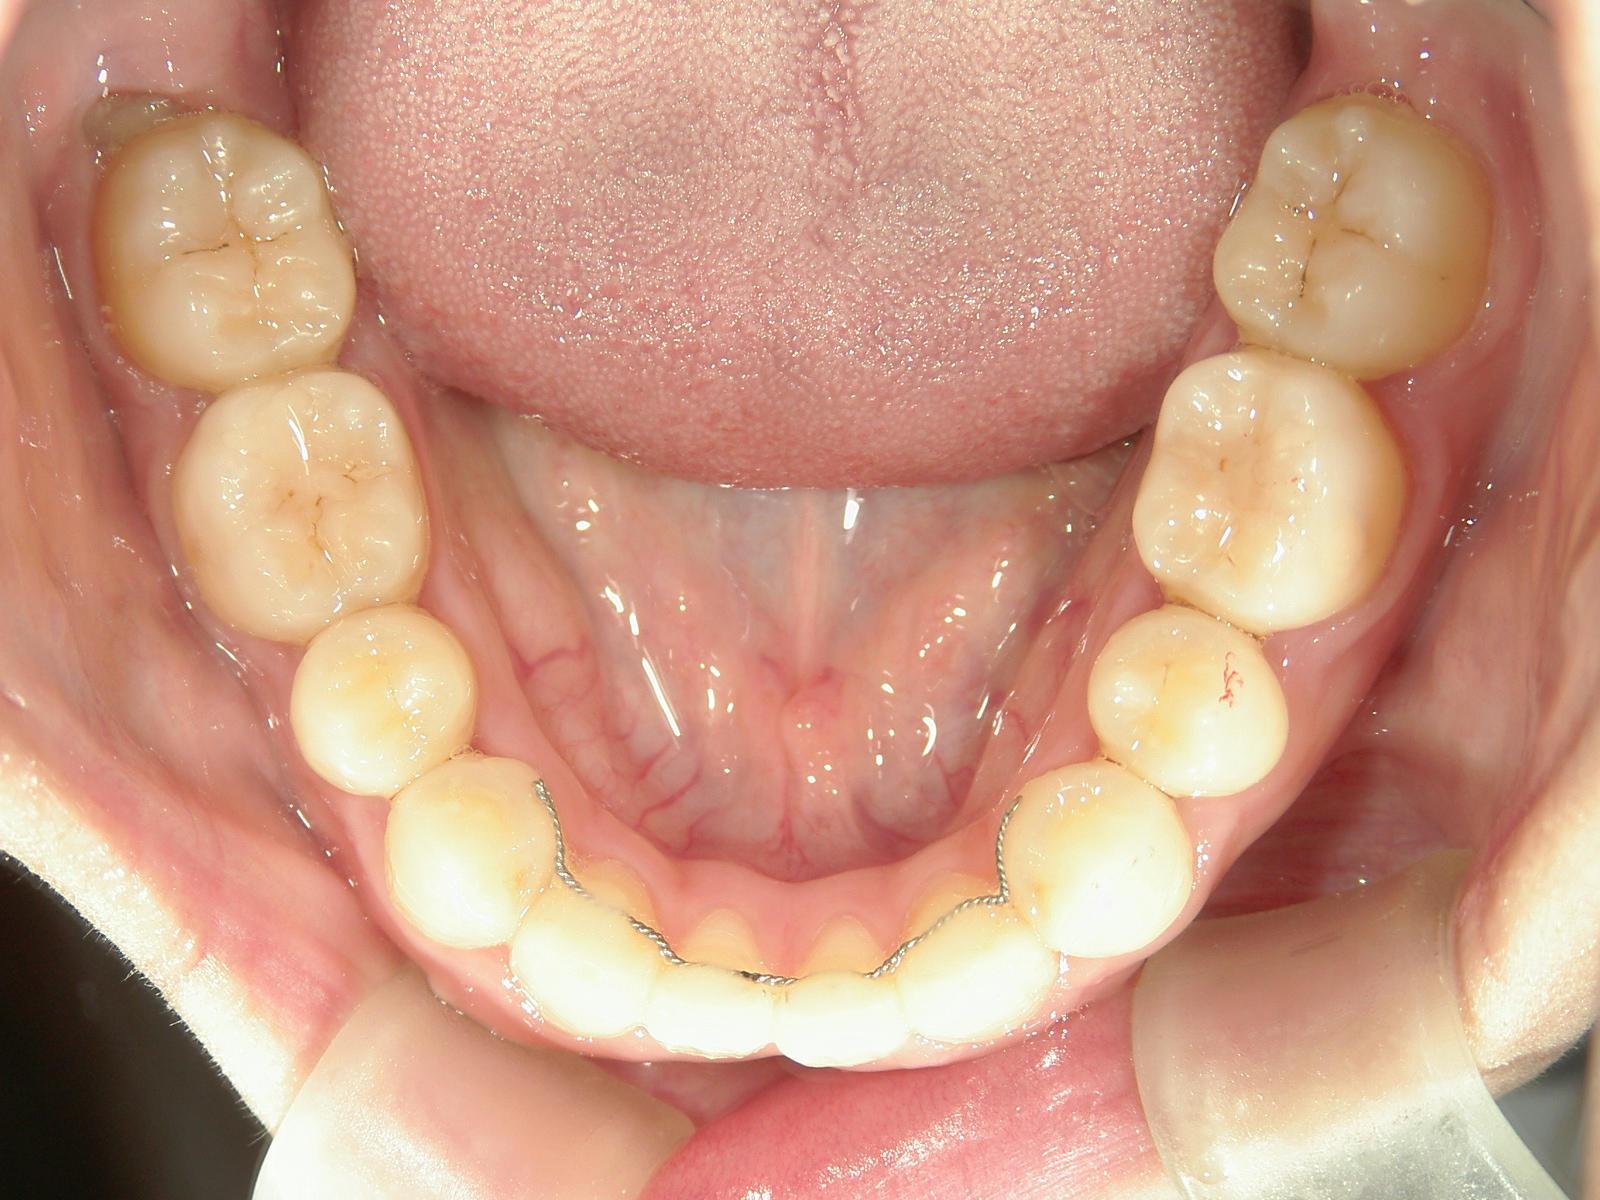 全顎ワイヤー矯正 症例(15)